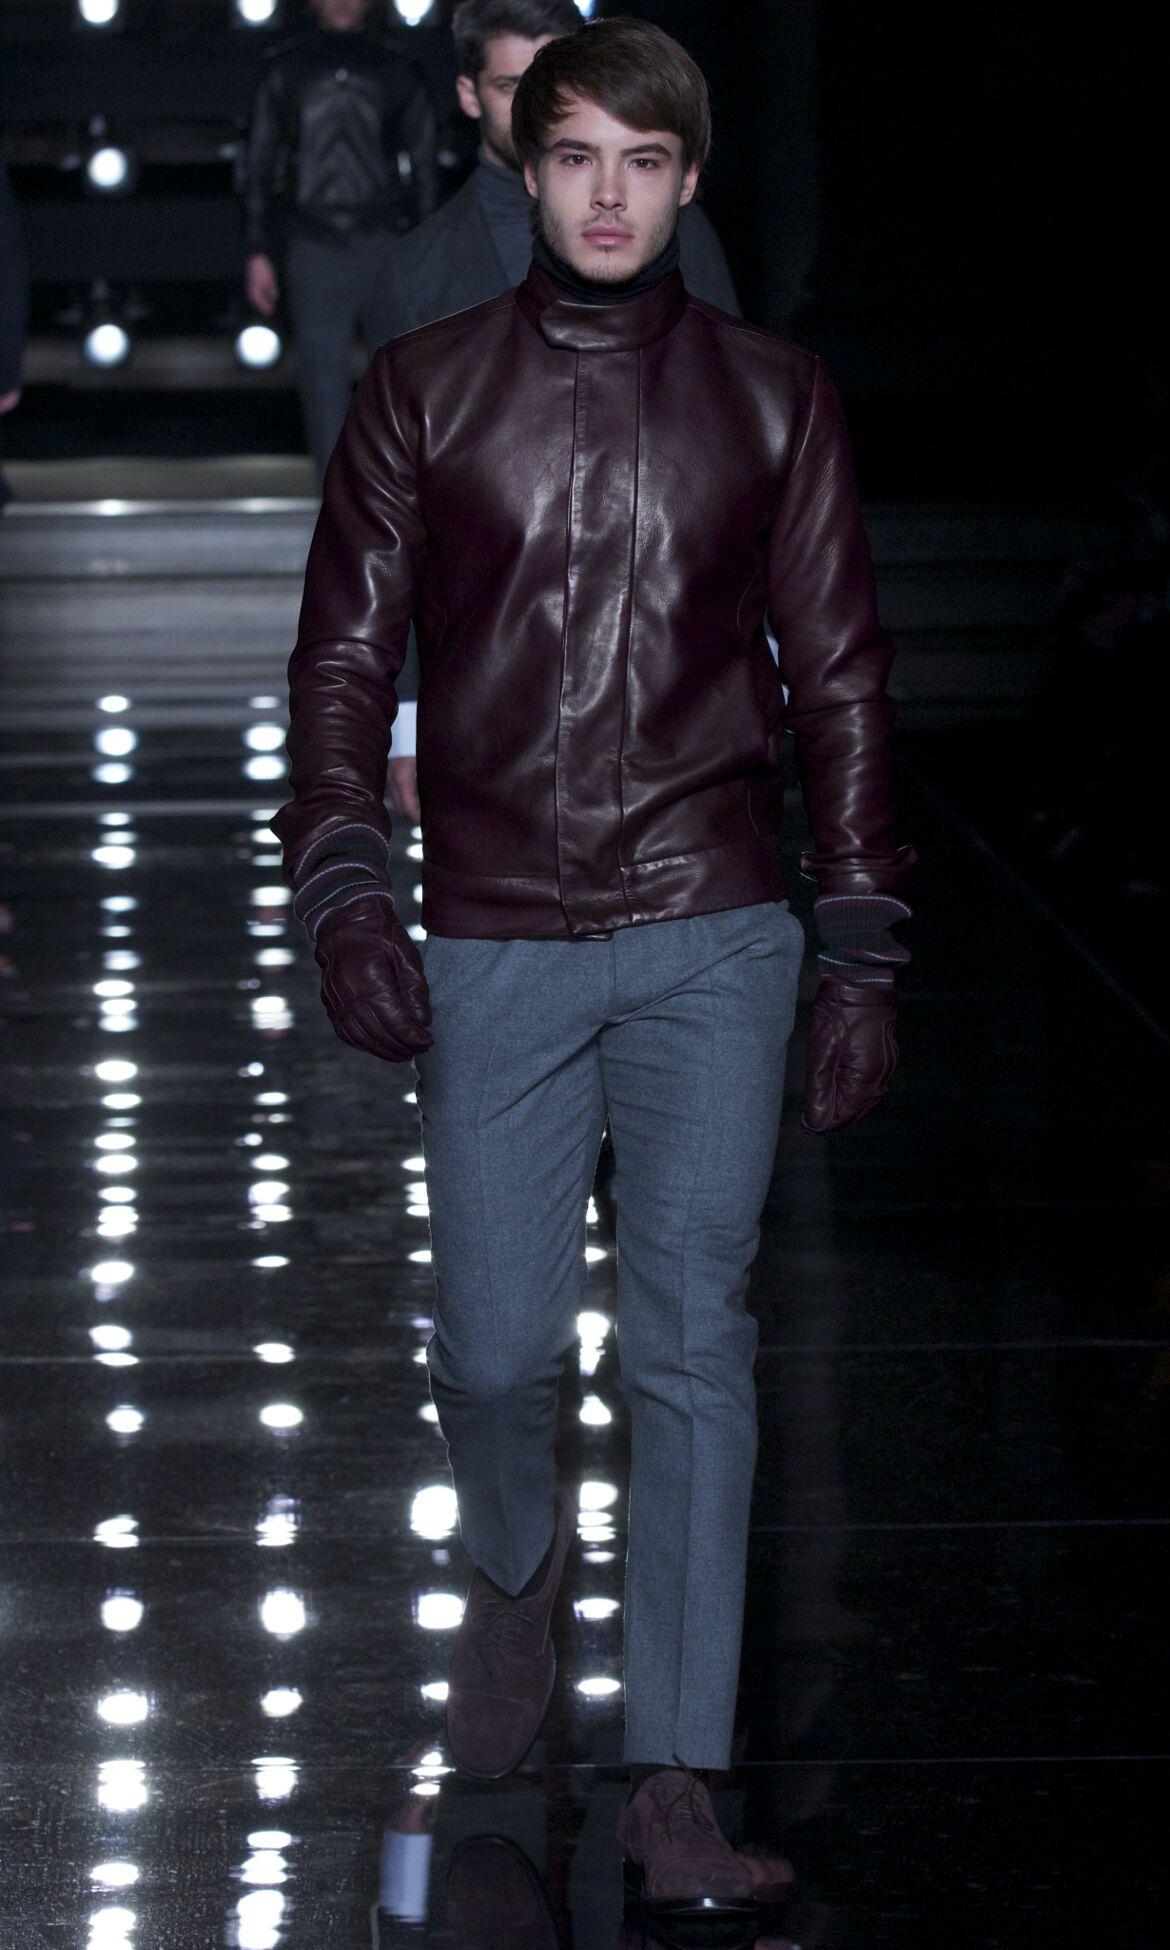 Ermanno Scervino Fall Winter 2013 14 Menswear Collection Pitti Uomo